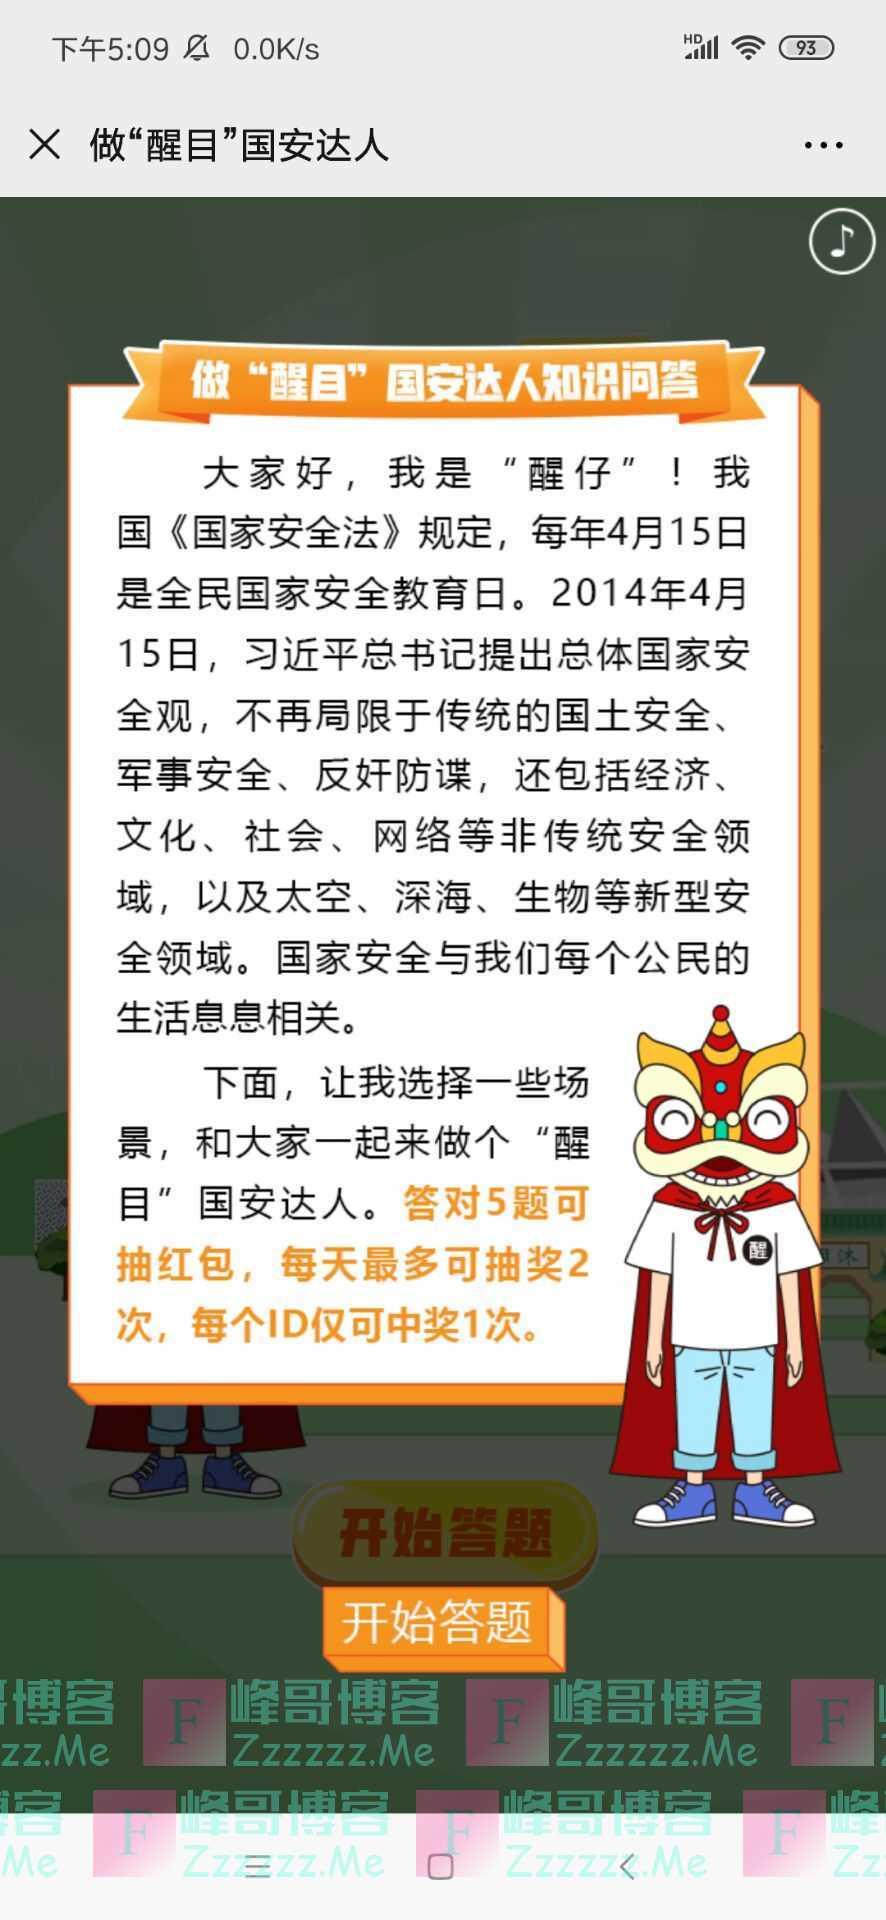 """西樵镇爱国社区做""""醒目""""国安达人,抽奖赢红包(截止不详)"""